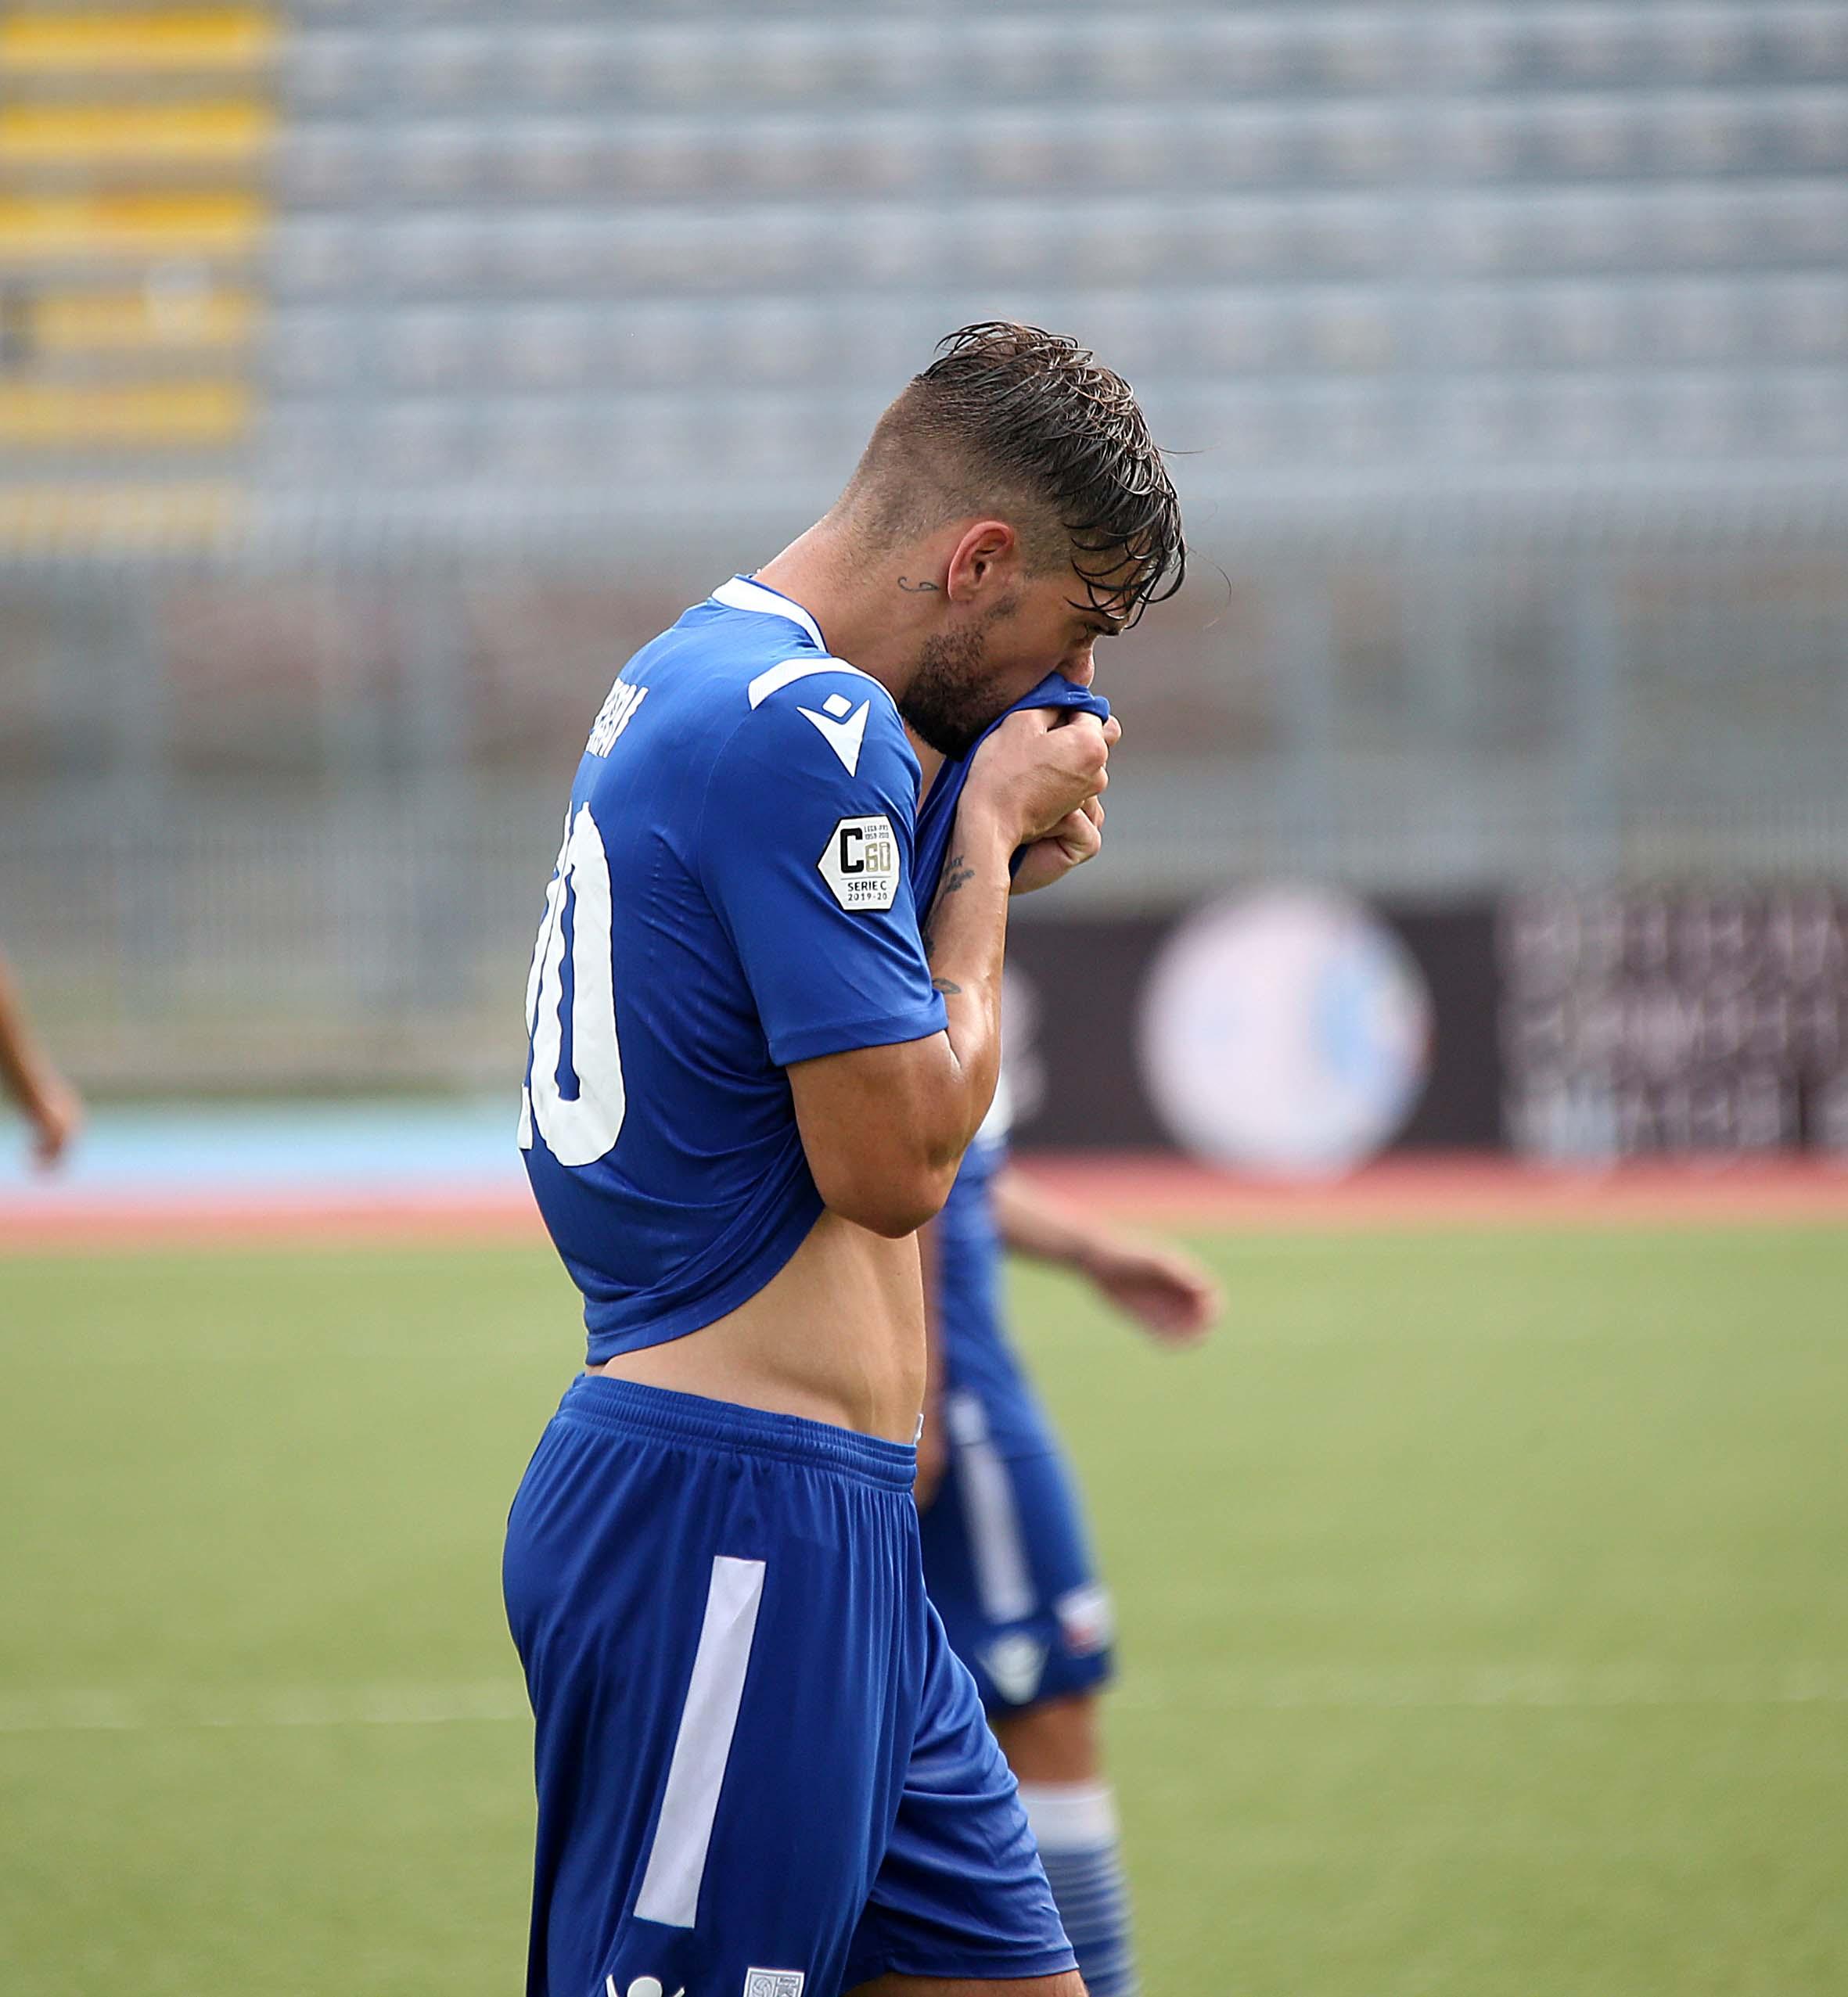 Calcio C, che disastro: la Romagna fa il pieno di sconfitte